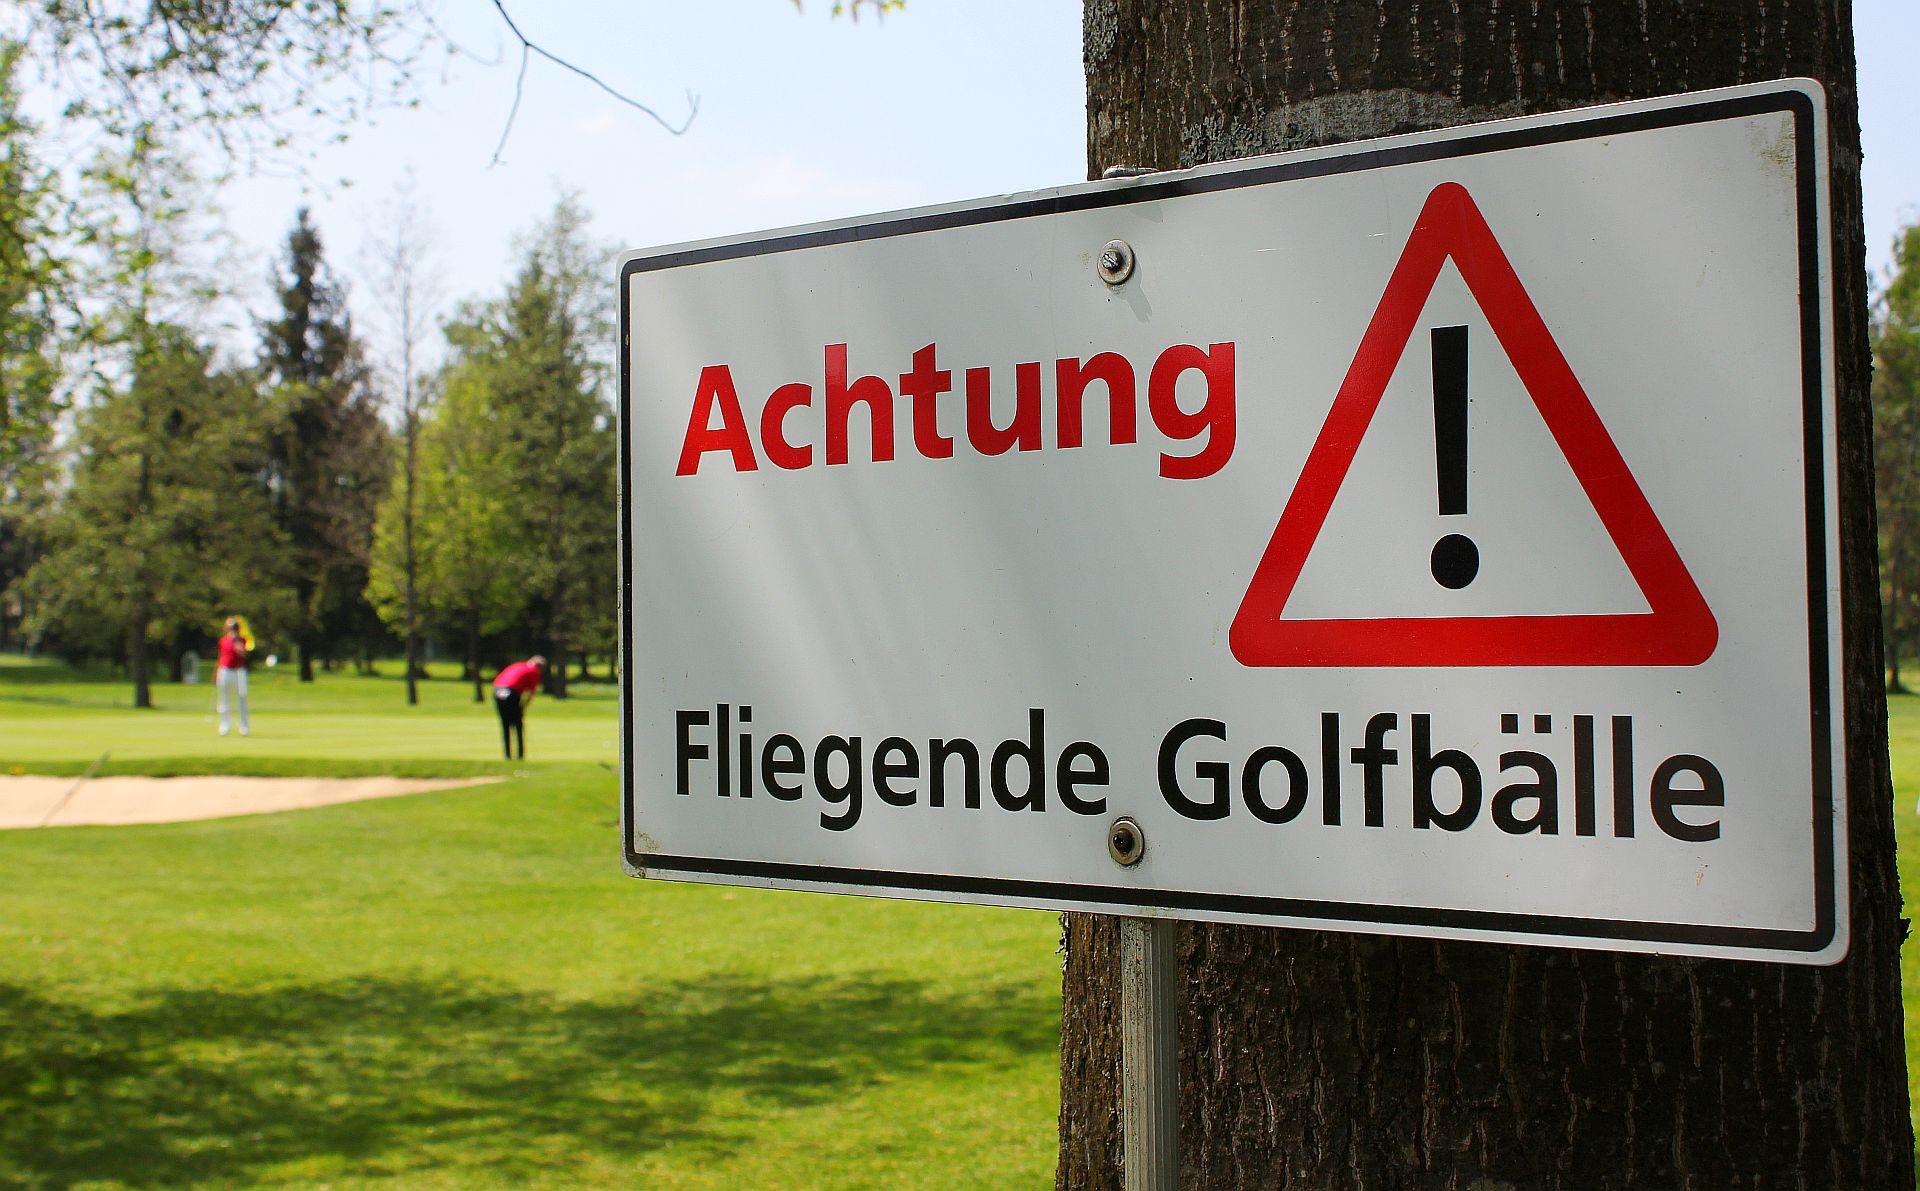 Na, wenn die wenigstens mal alle fliegen würden ... gesehen im Allgäuer G&LC (Foto: Stephan Schöttl/alpengolfer.de)